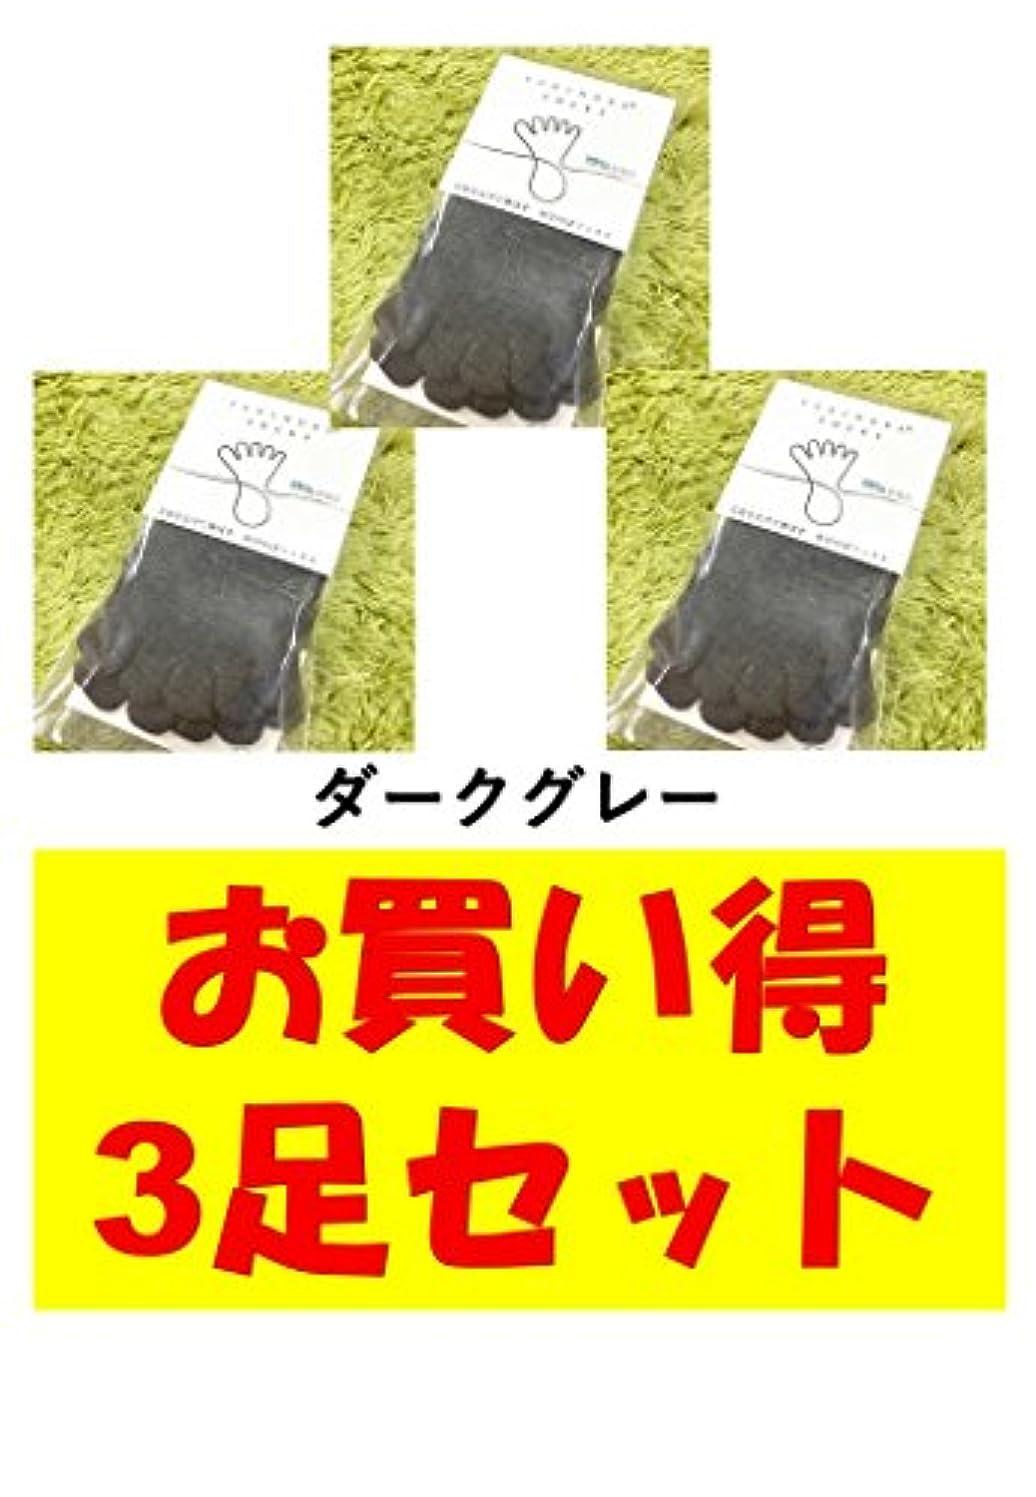 ニックネームパトロンガウンお買い得3足セット 5本指 ゆびのばソックス ゆびのばレギュラー ダークグレー 女性用 22.0cm-25.5cm HSREGR-DGL